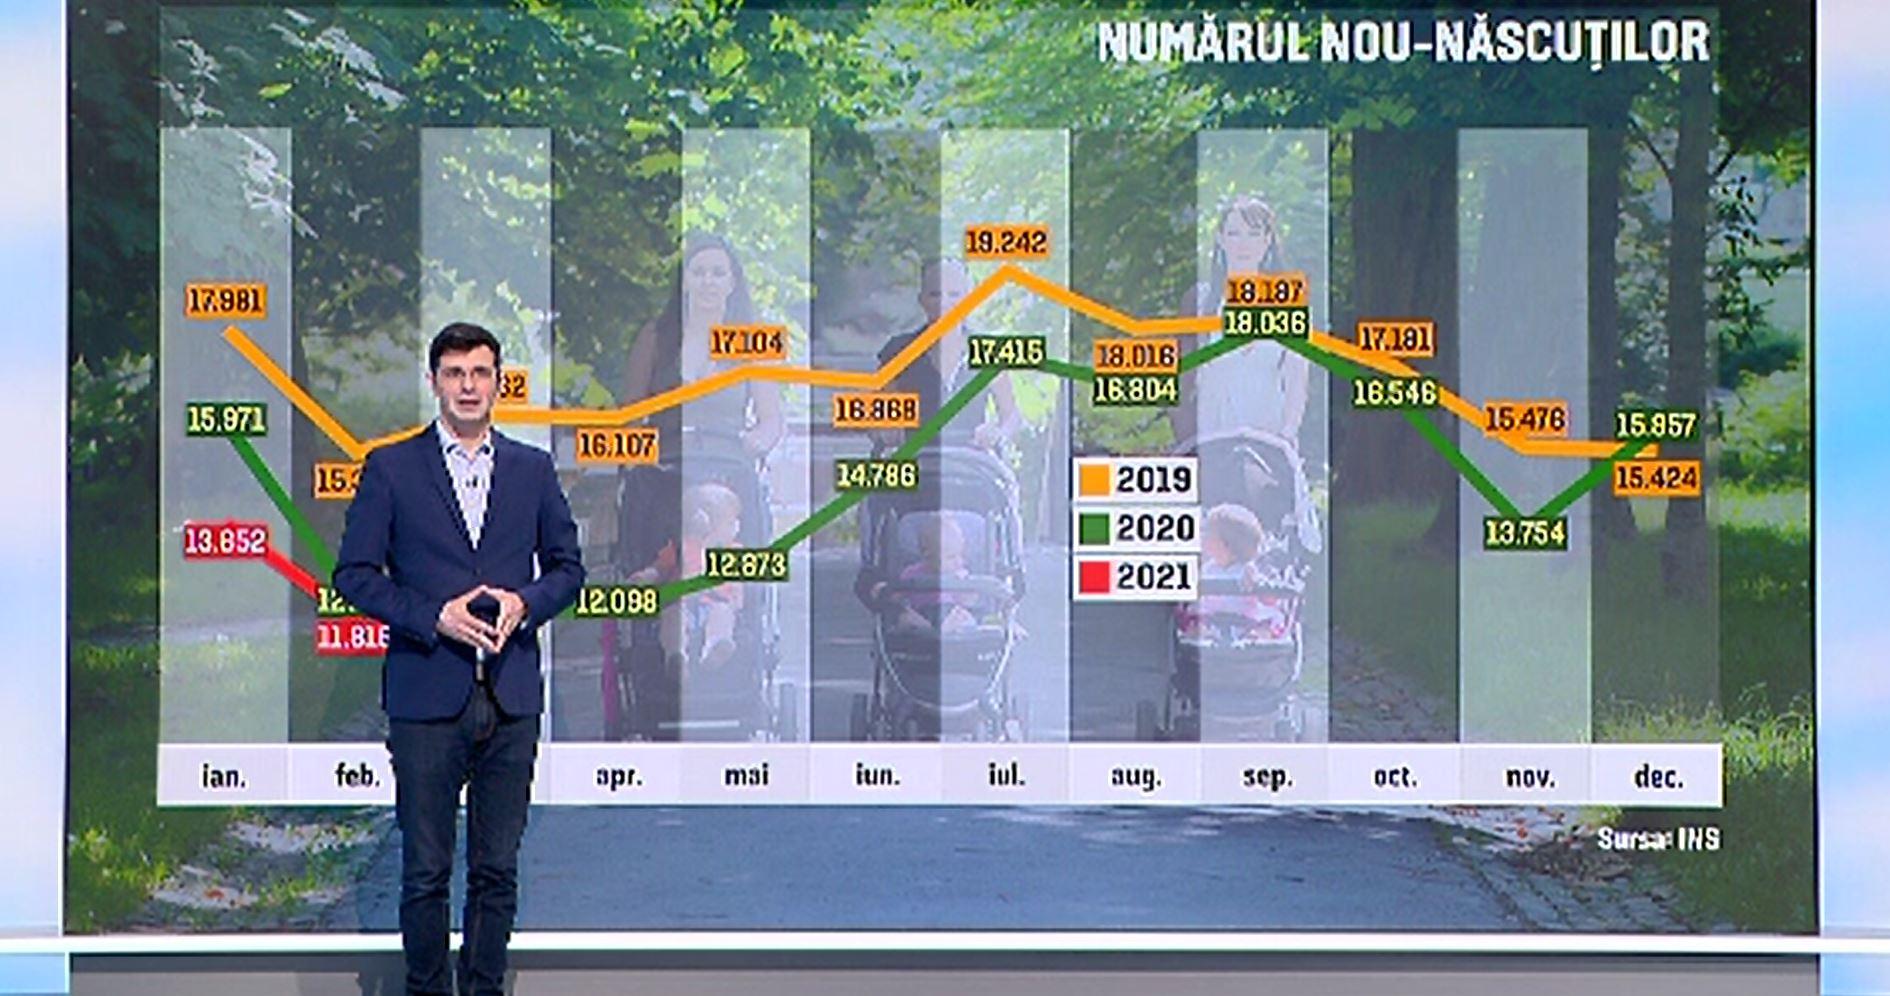 Scădere importantă a numărului de nașteri în 2020 în România, în vreme ce decesele au crescut dramatic